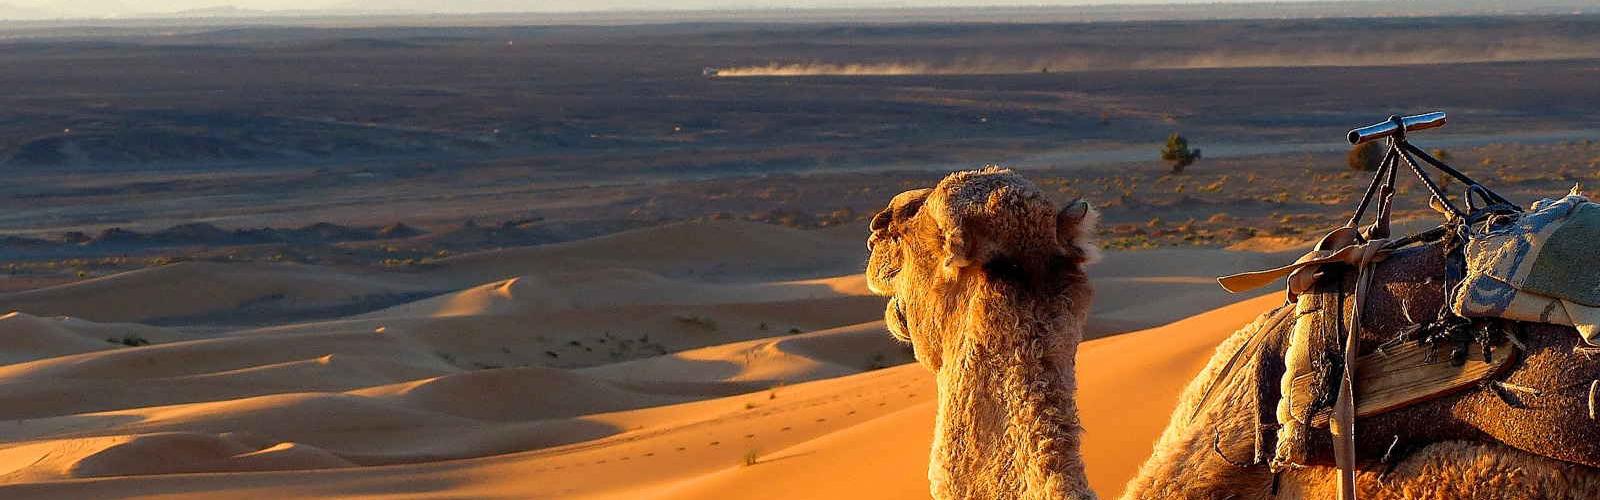 viagens em marrocos tours deserto marrocos